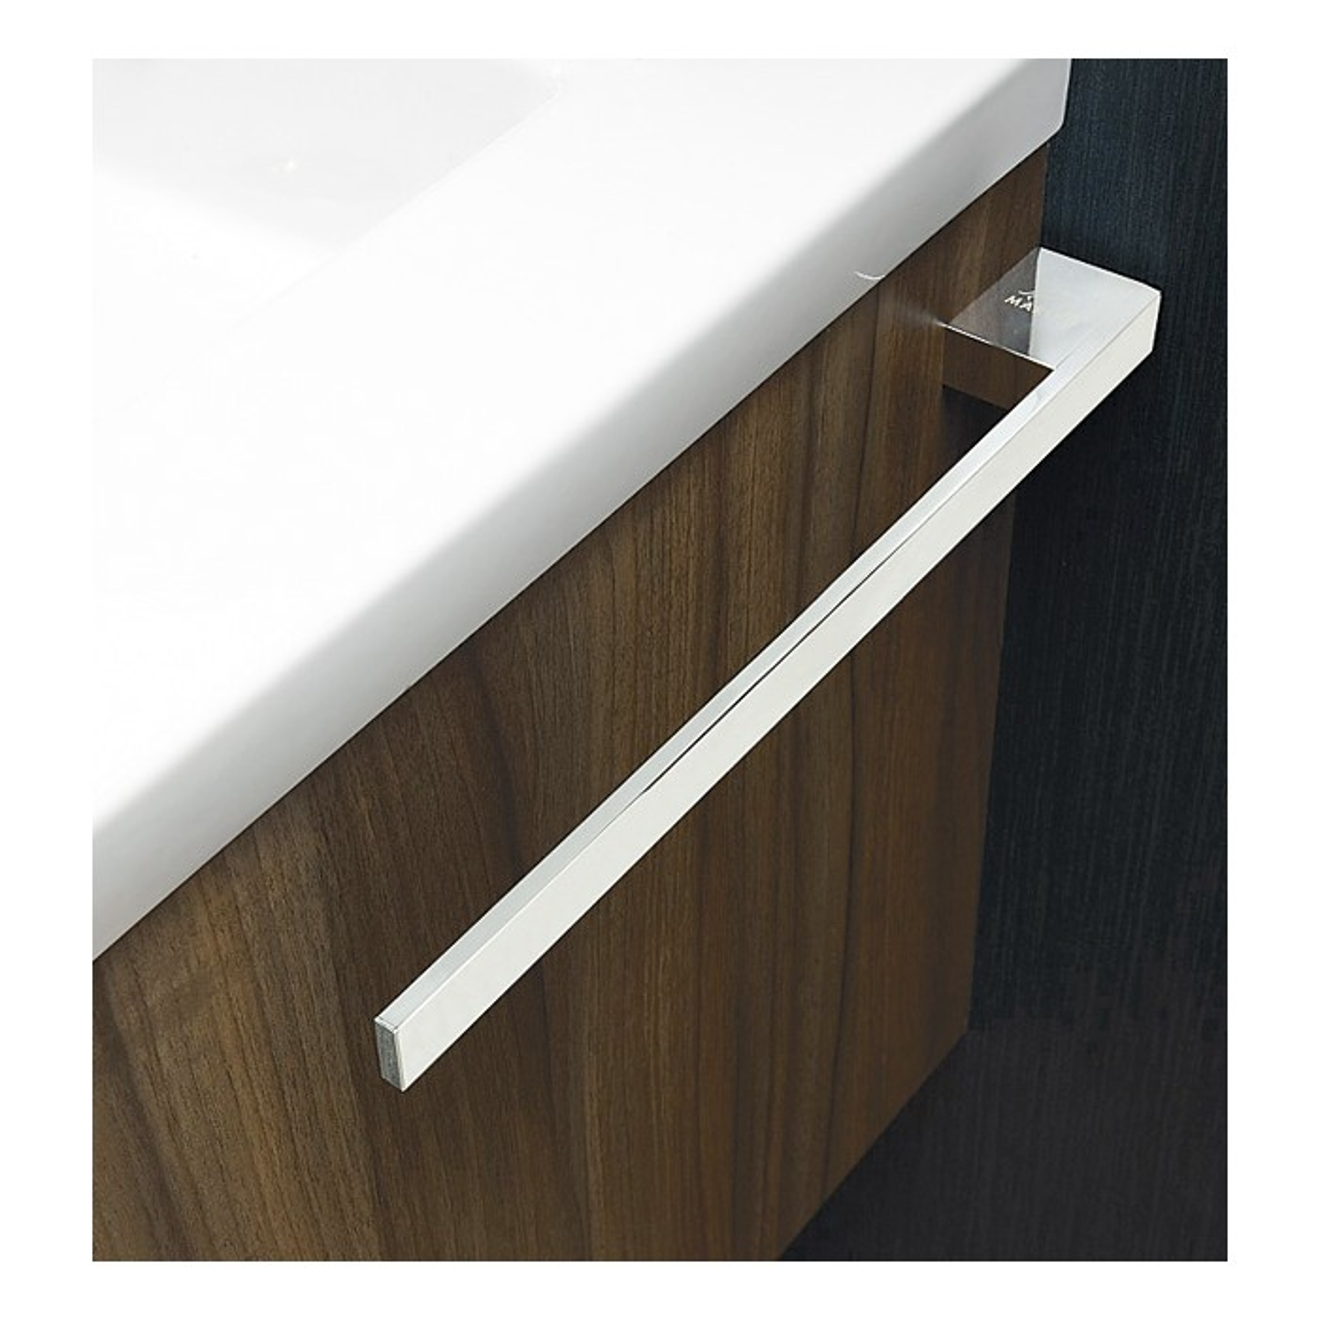 m bel handtuchreling 1 armig 40 cm verchromt treffpunkt bad der shop f r das moderne bad. Black Bedroom Furniture Sets. Home Design Ideas